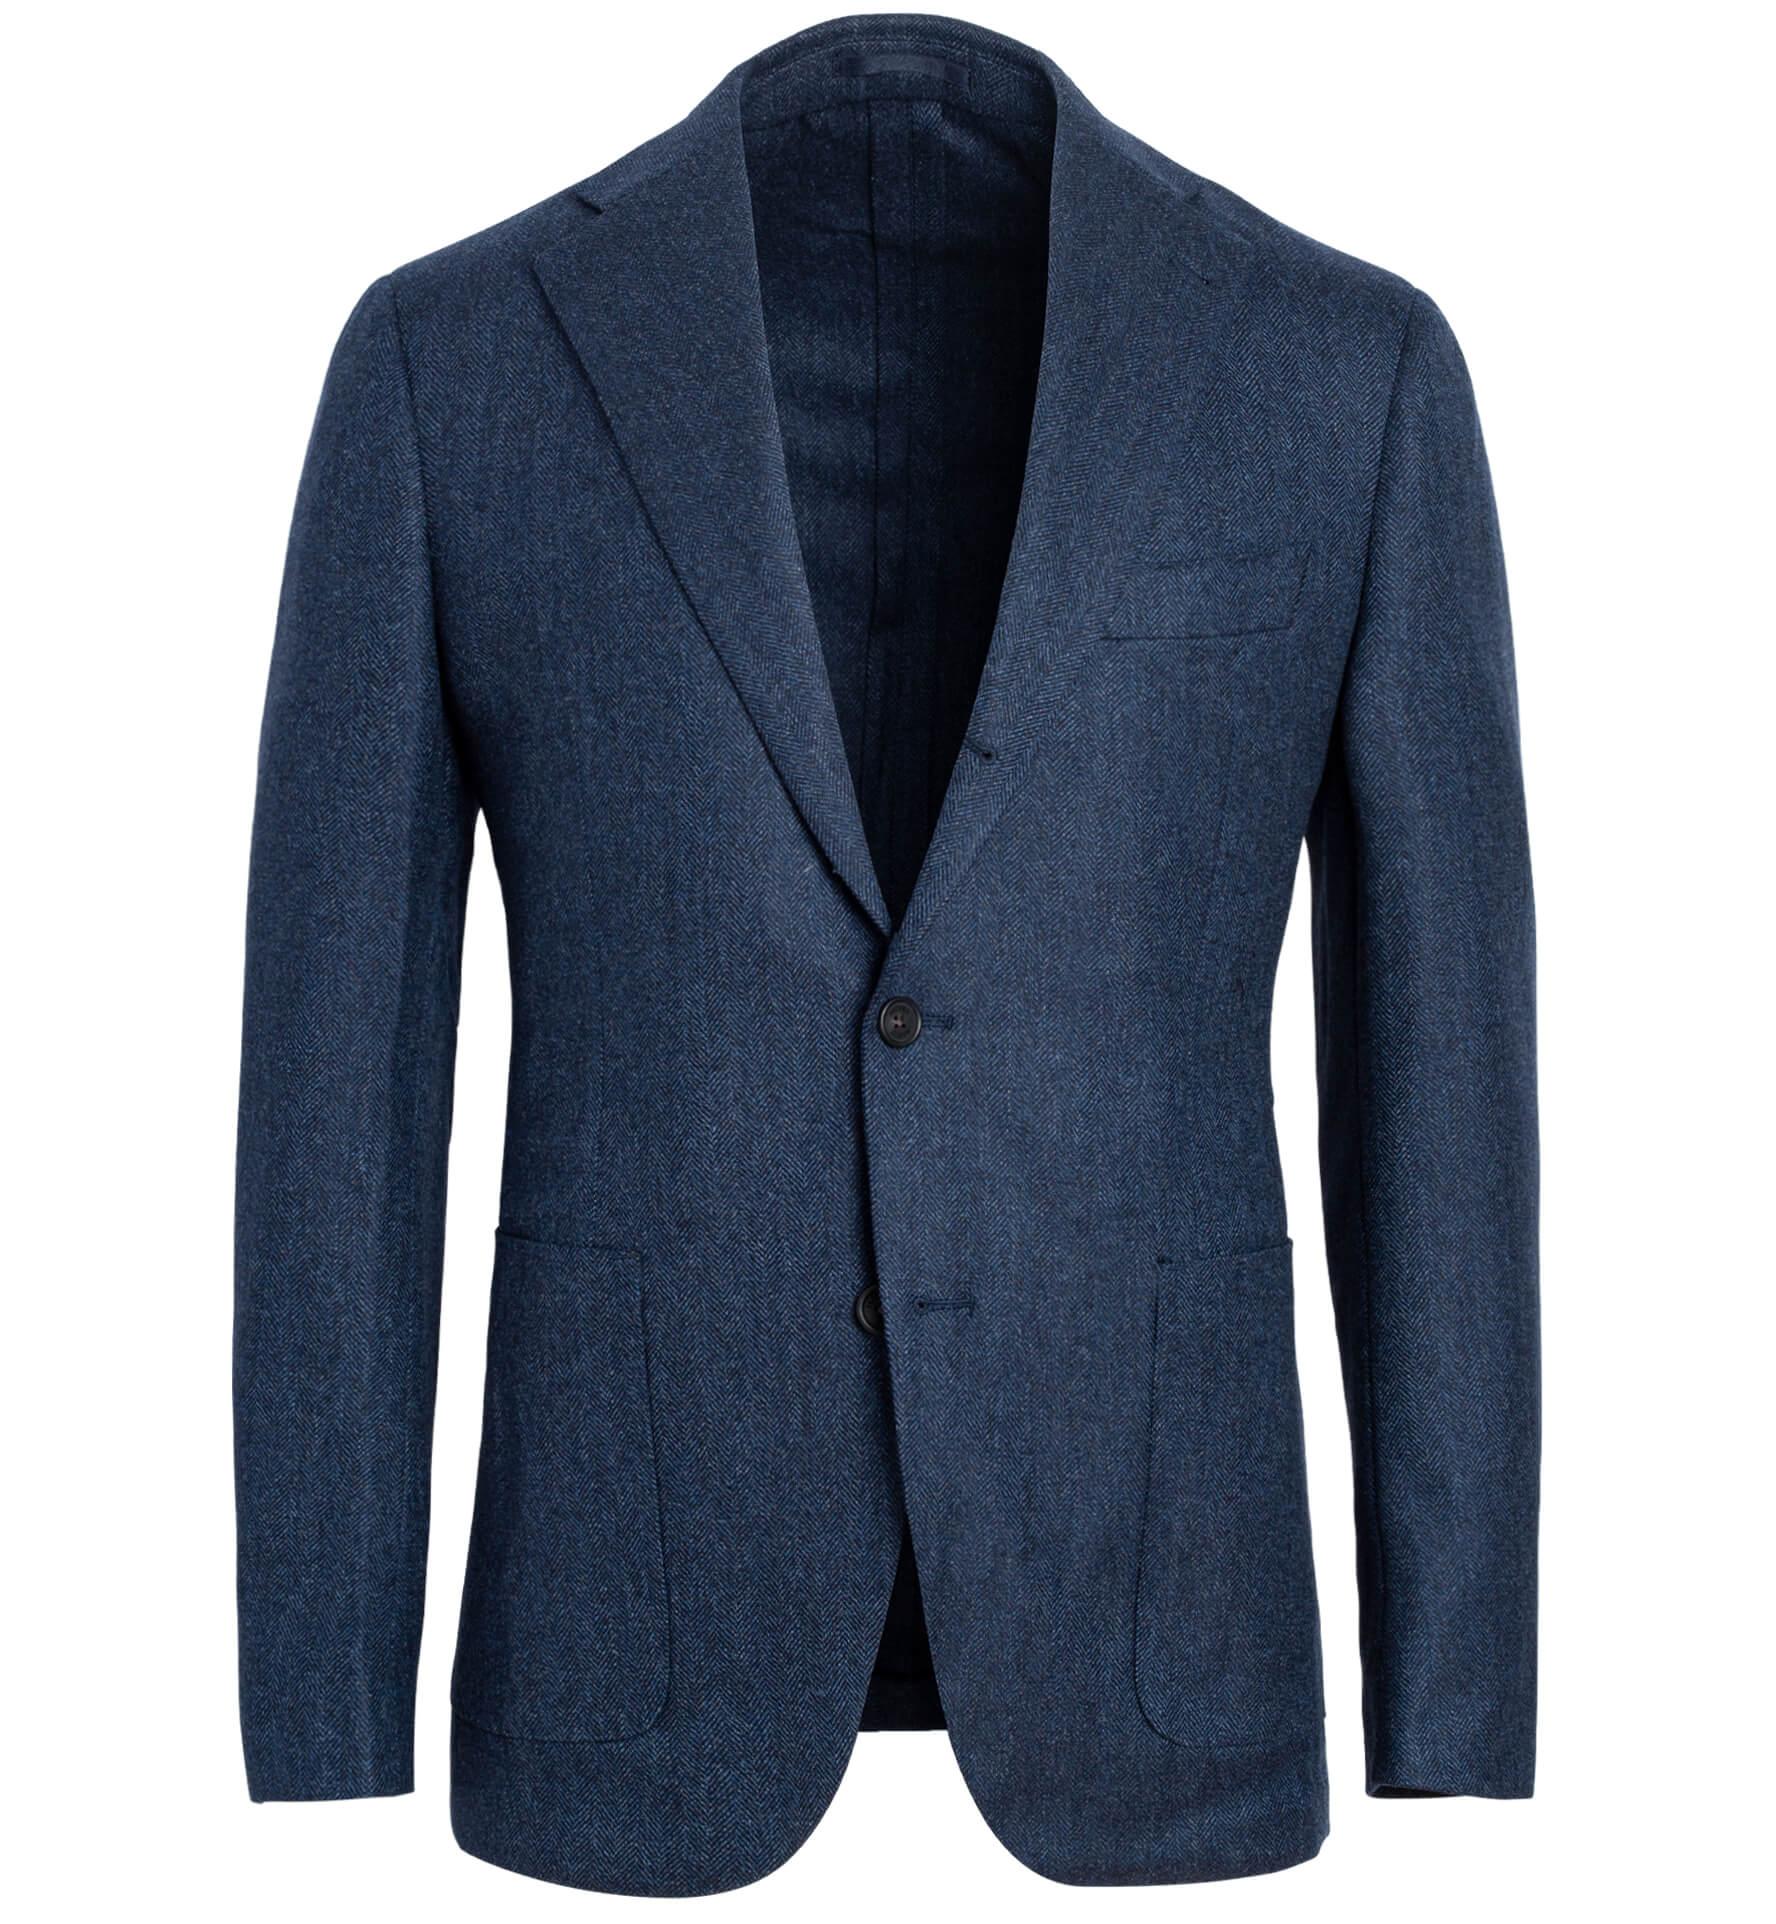 Zoom Image of Bedford Slate Wool Herringbone Jacket